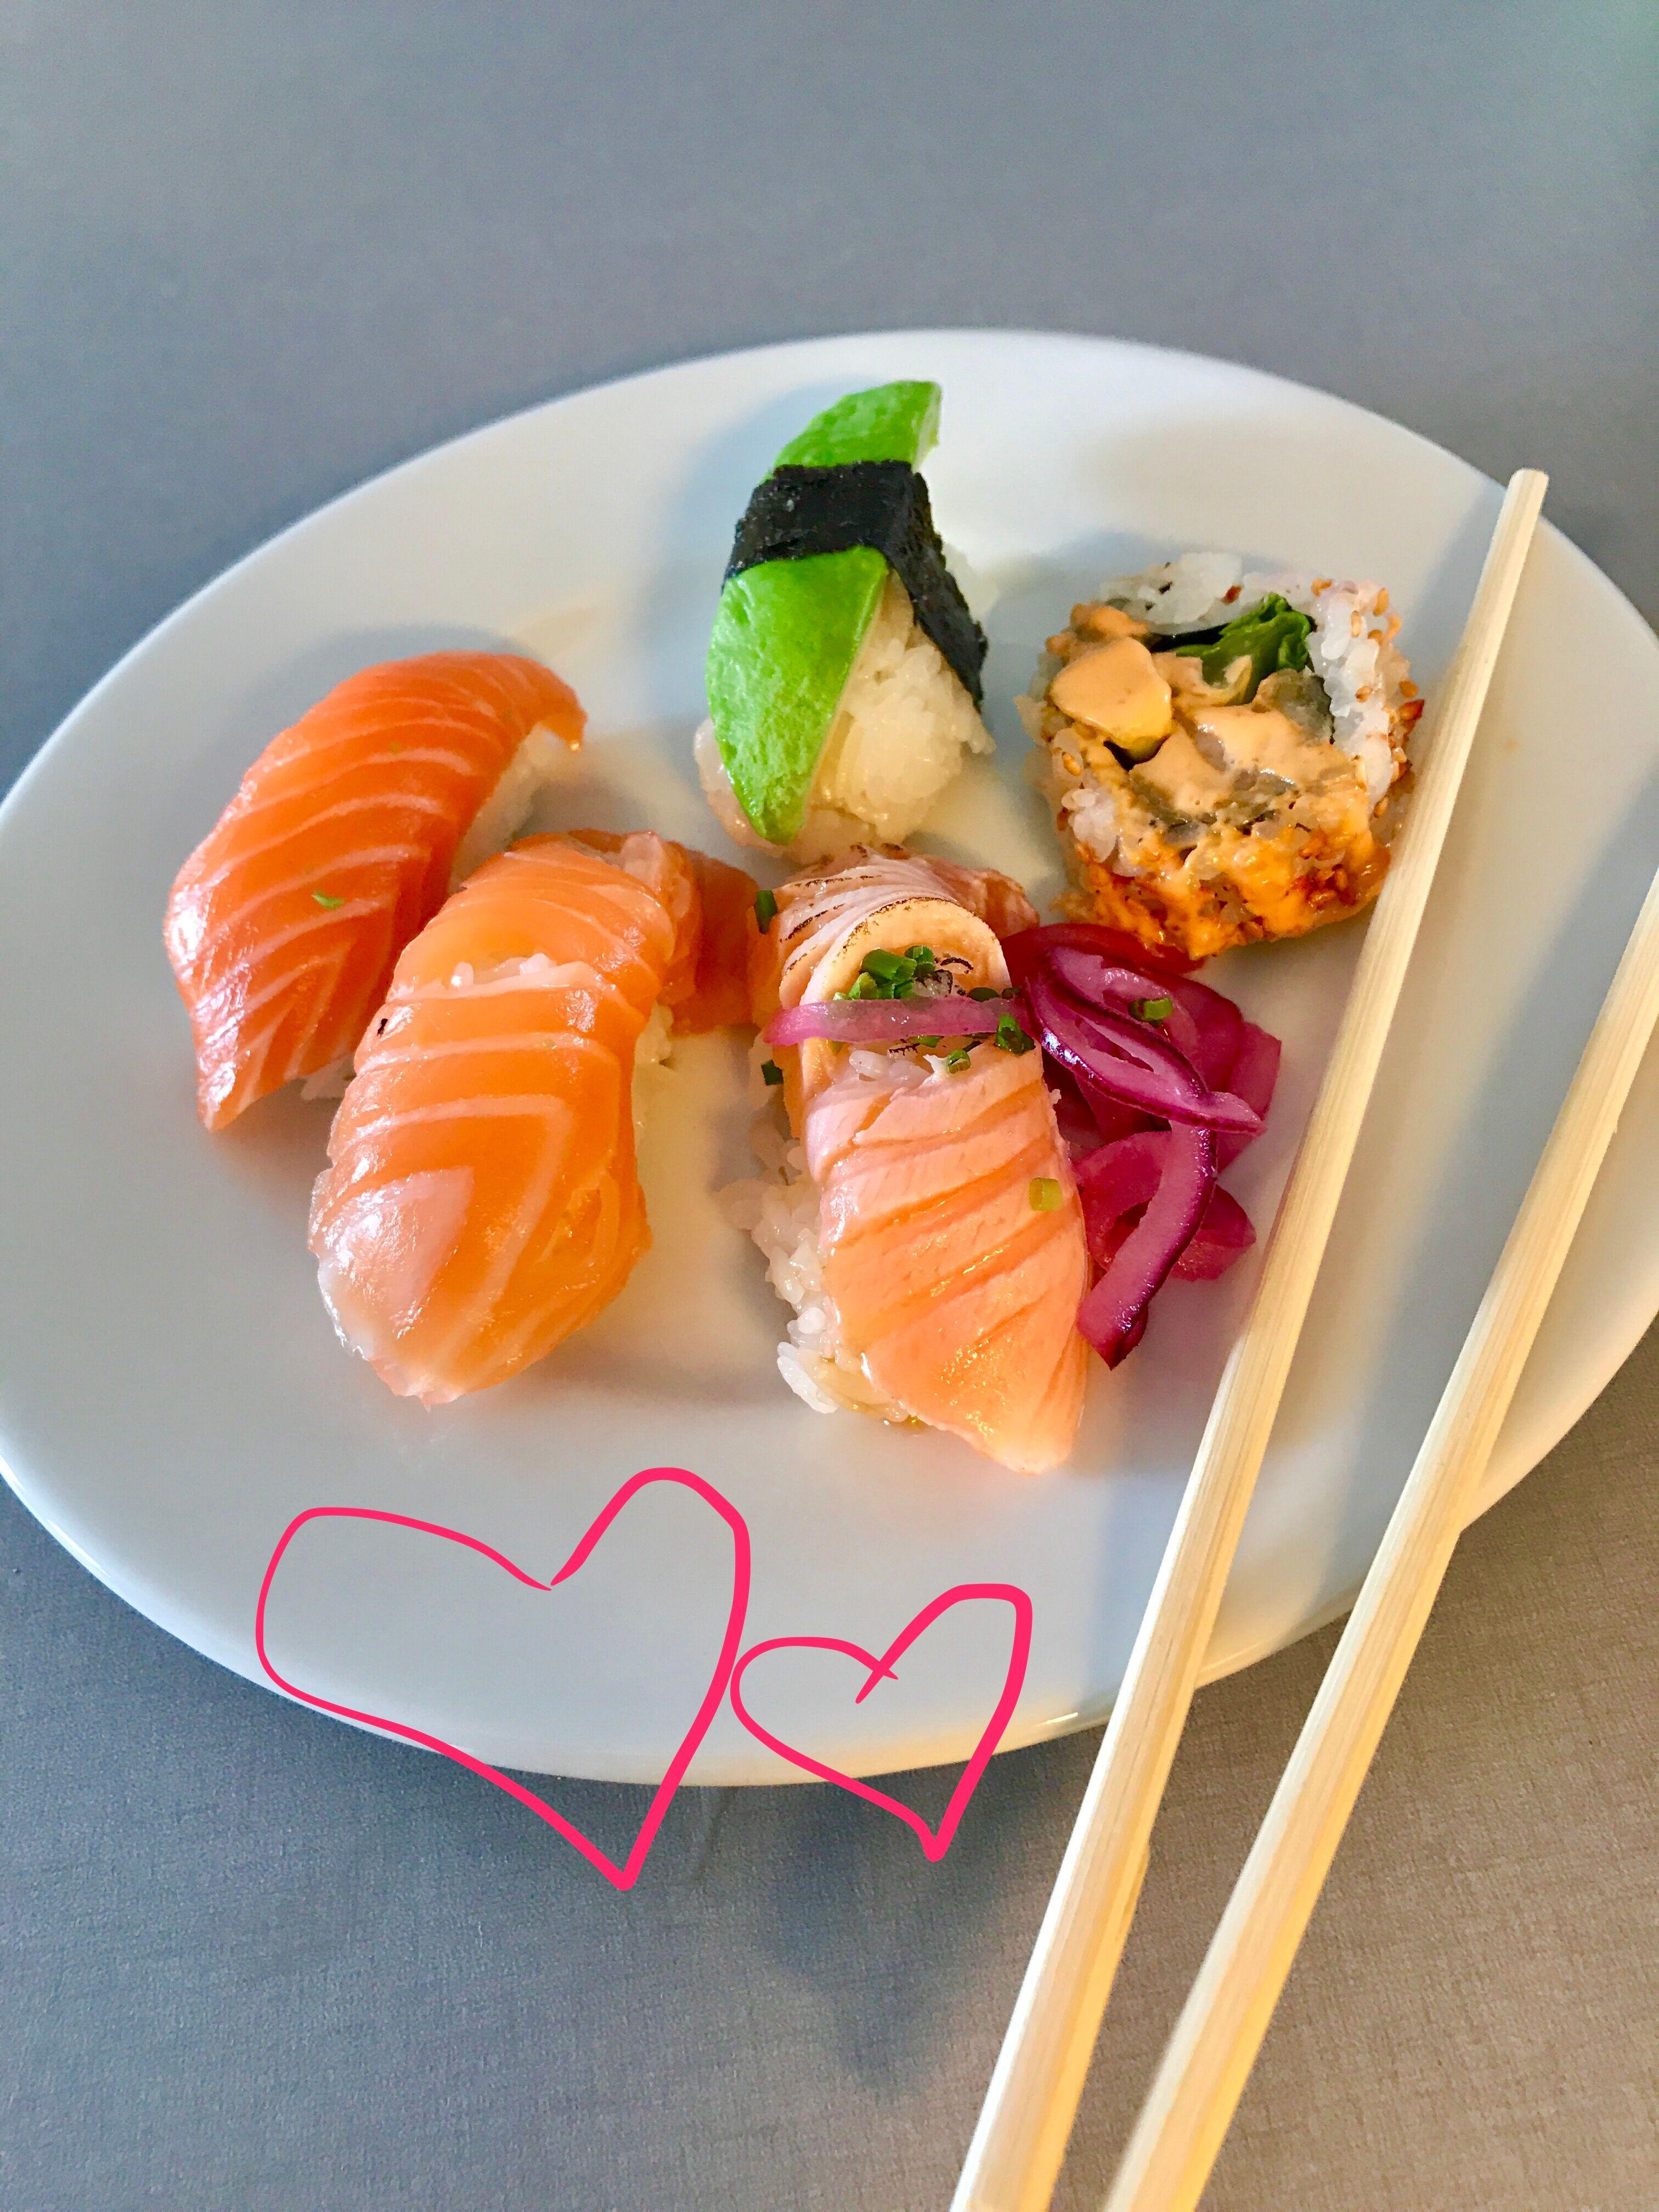 I samarbete med Norsk Sjömat och Sushi Yama